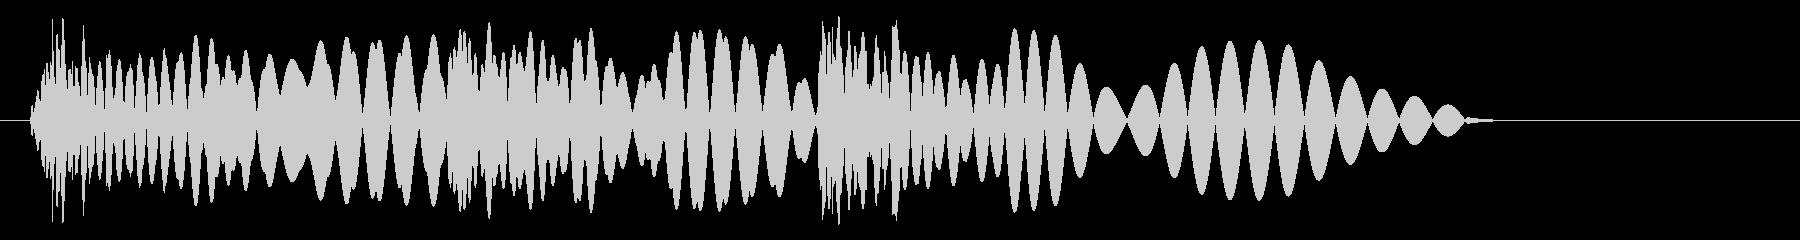 ドドッバンという効果音の未再生の波形